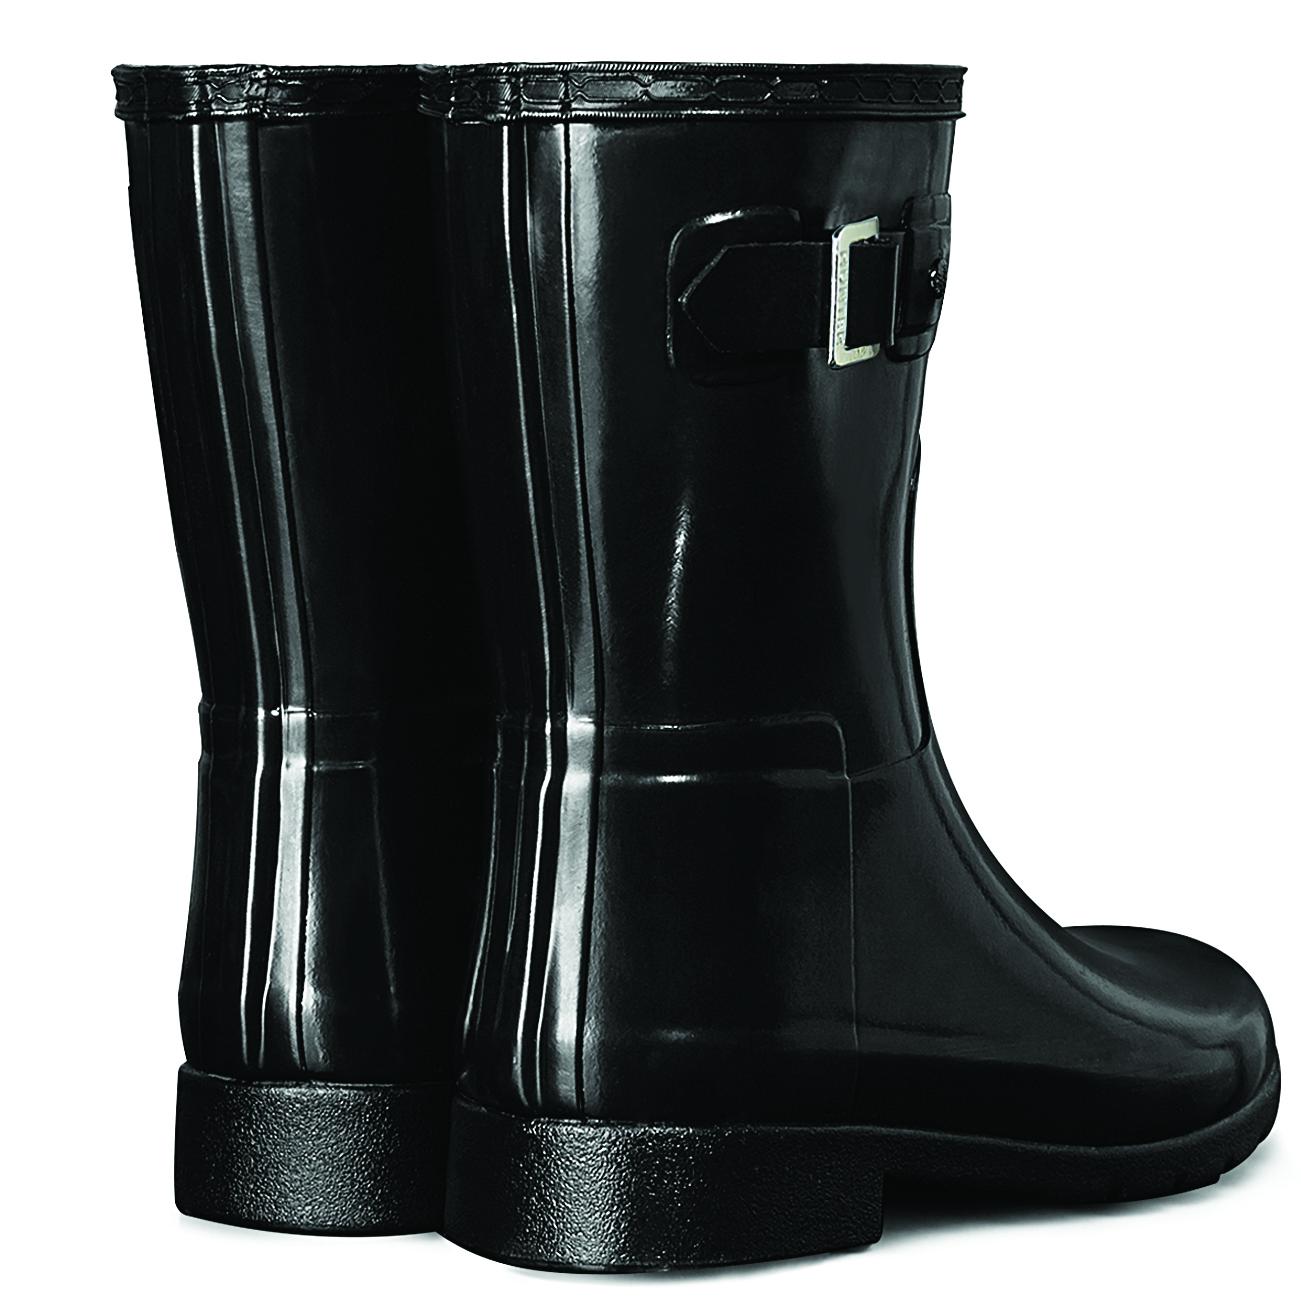 Details about Damen Hunter Original Refined Chelsea Gloss Schnee Regen Gummistiefel EU 36 43